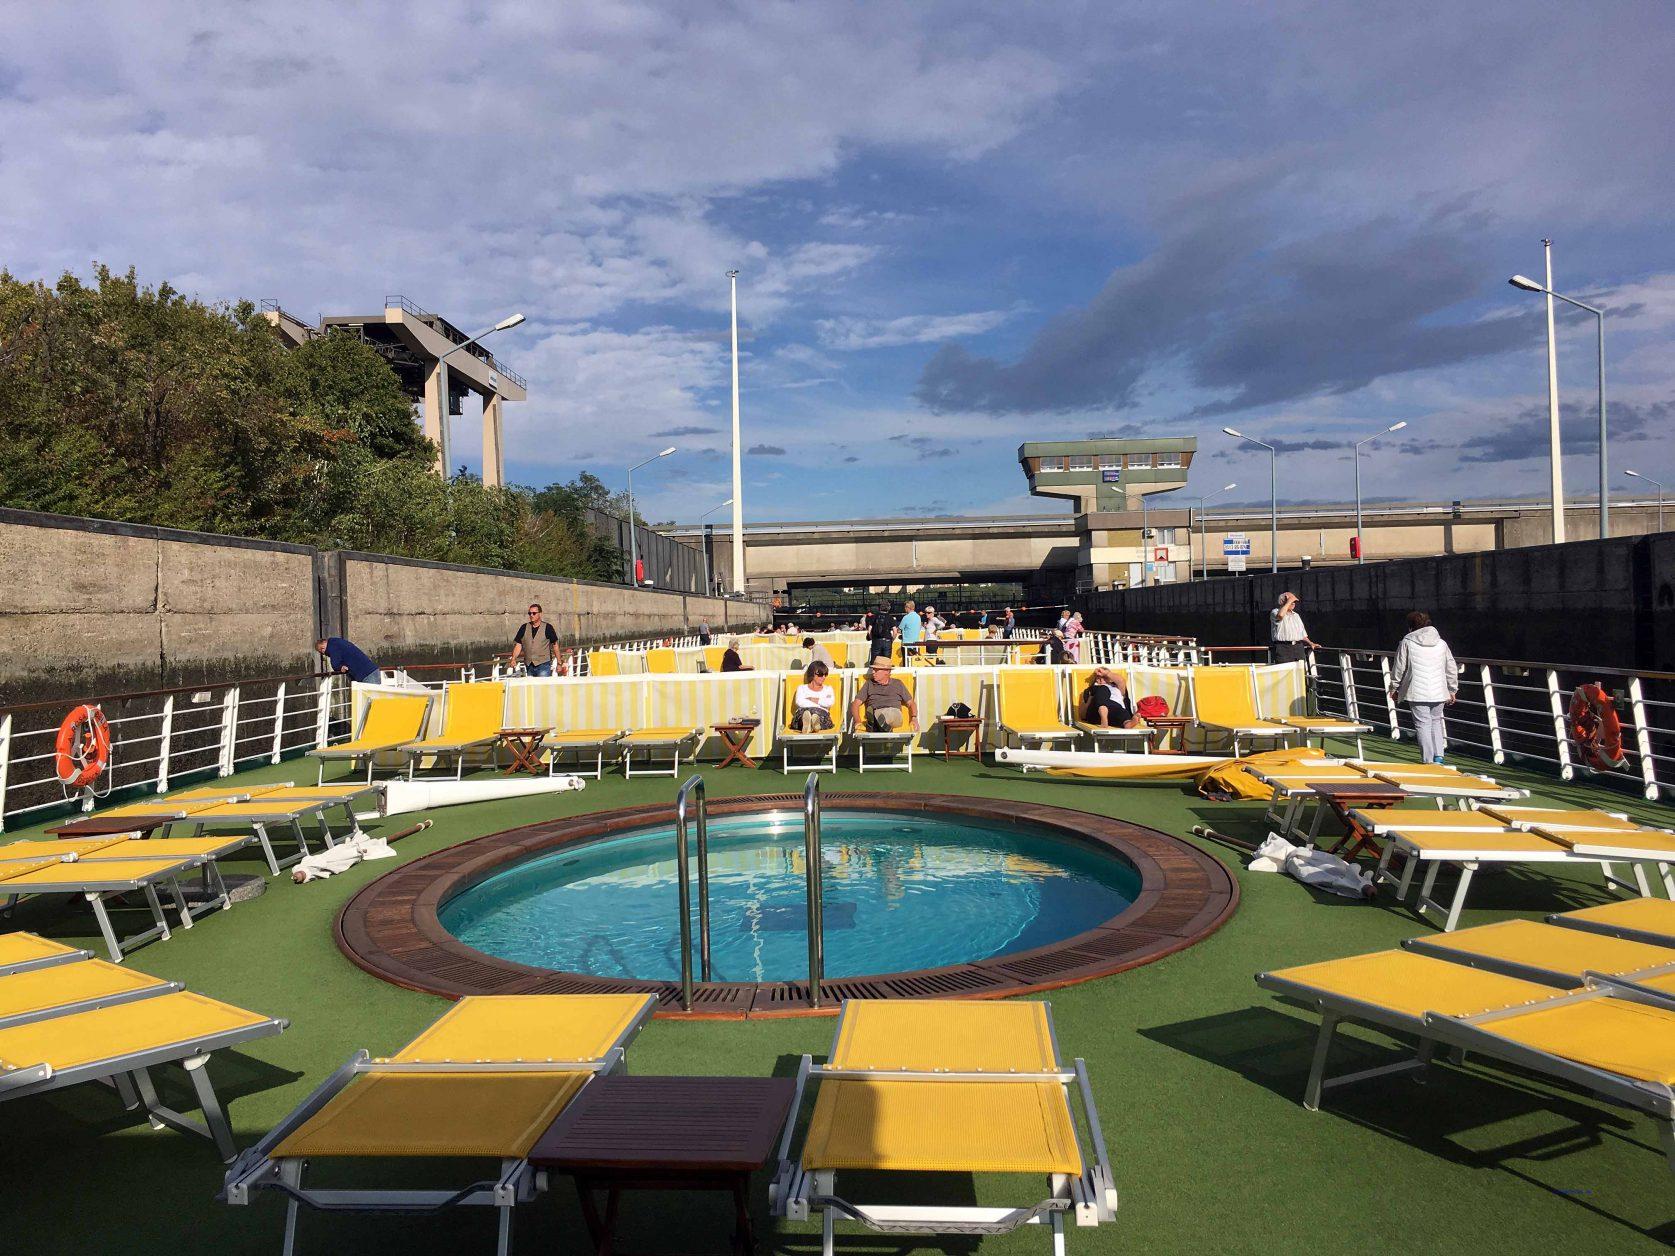 Während die Schleusen durchfahren werden, bietet der Pool Abwechslung, Foto: Weirauch